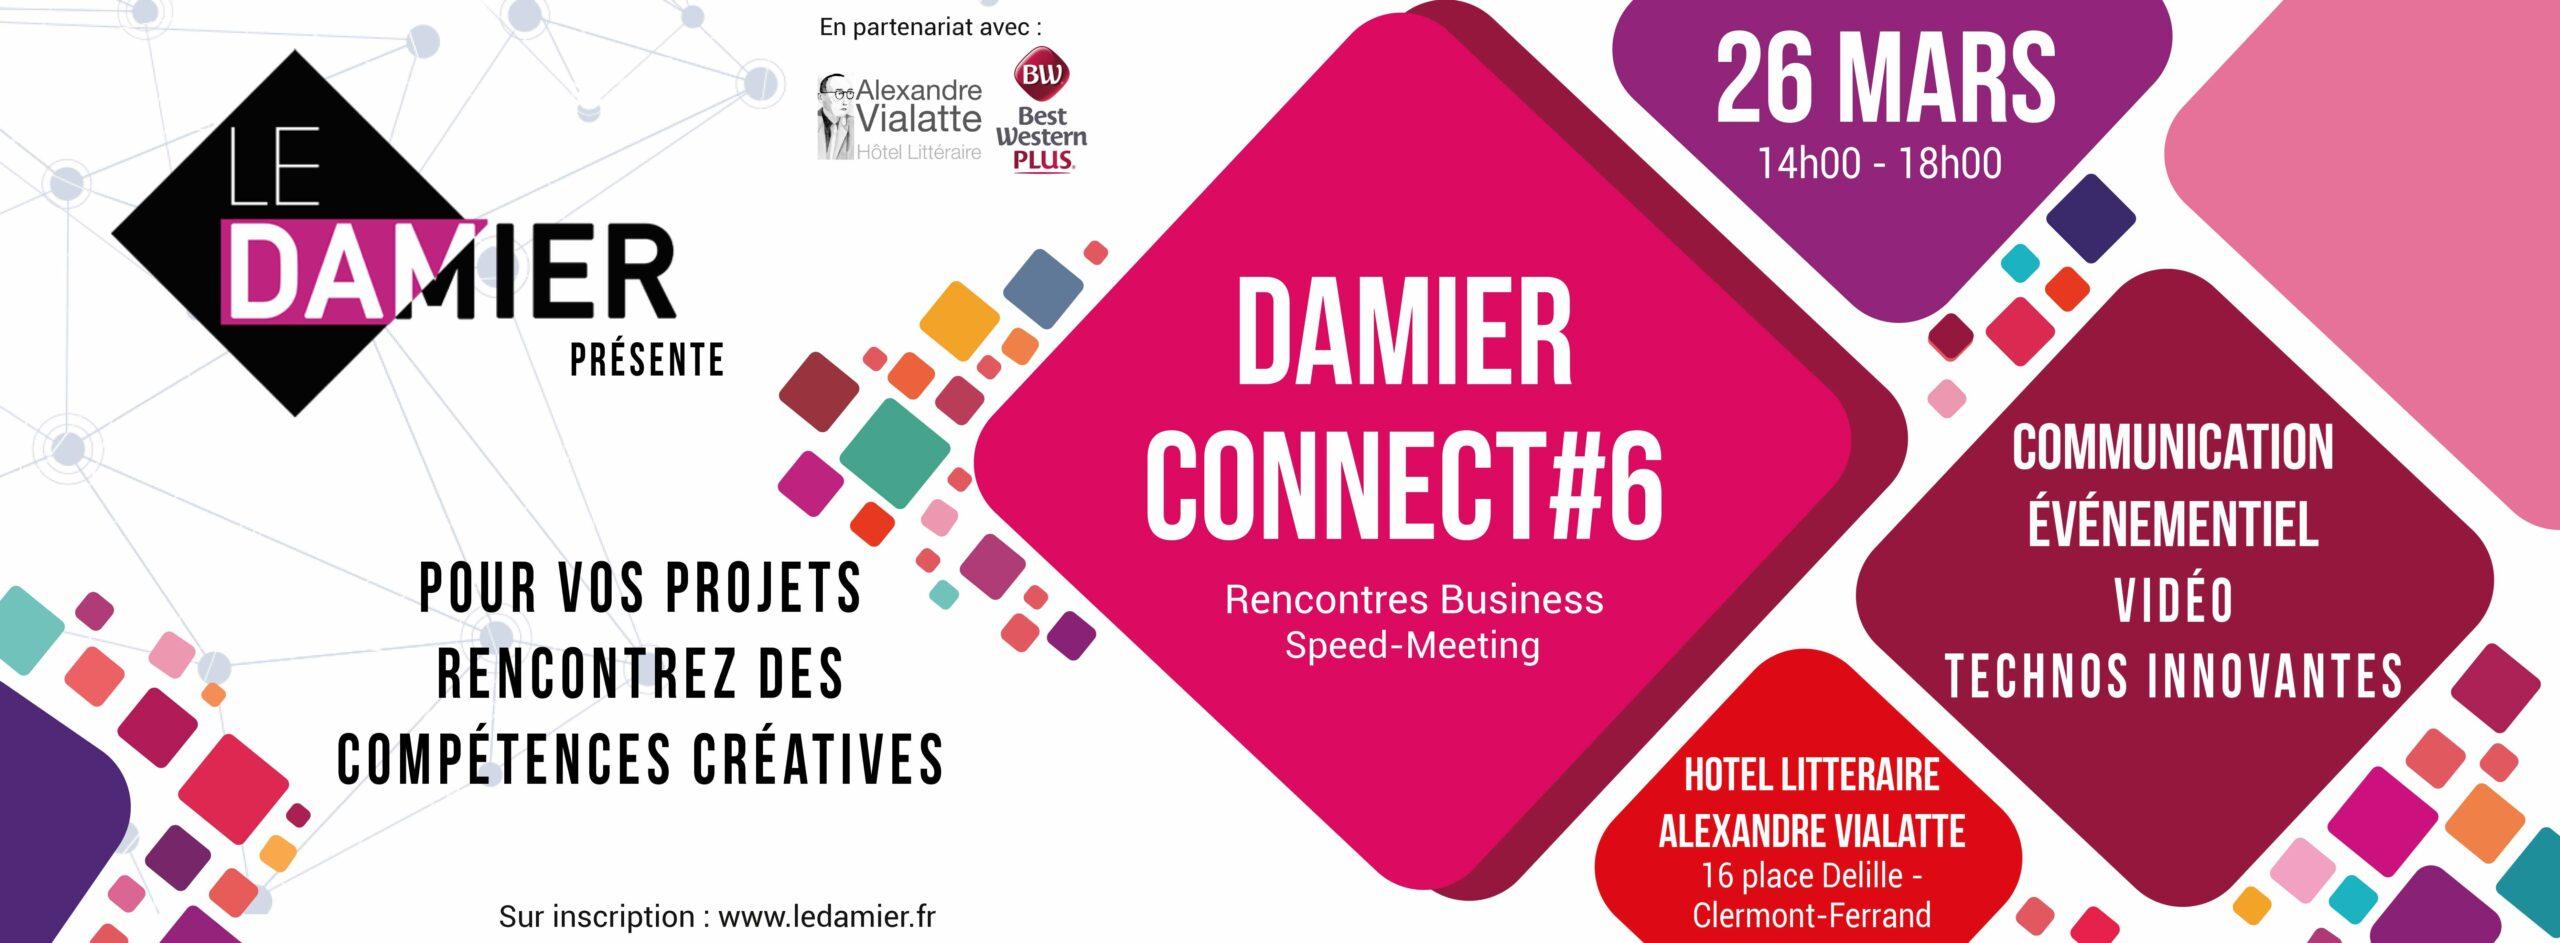 damier-connect-hotel-vialatte_5e43c880c13d5.jpg